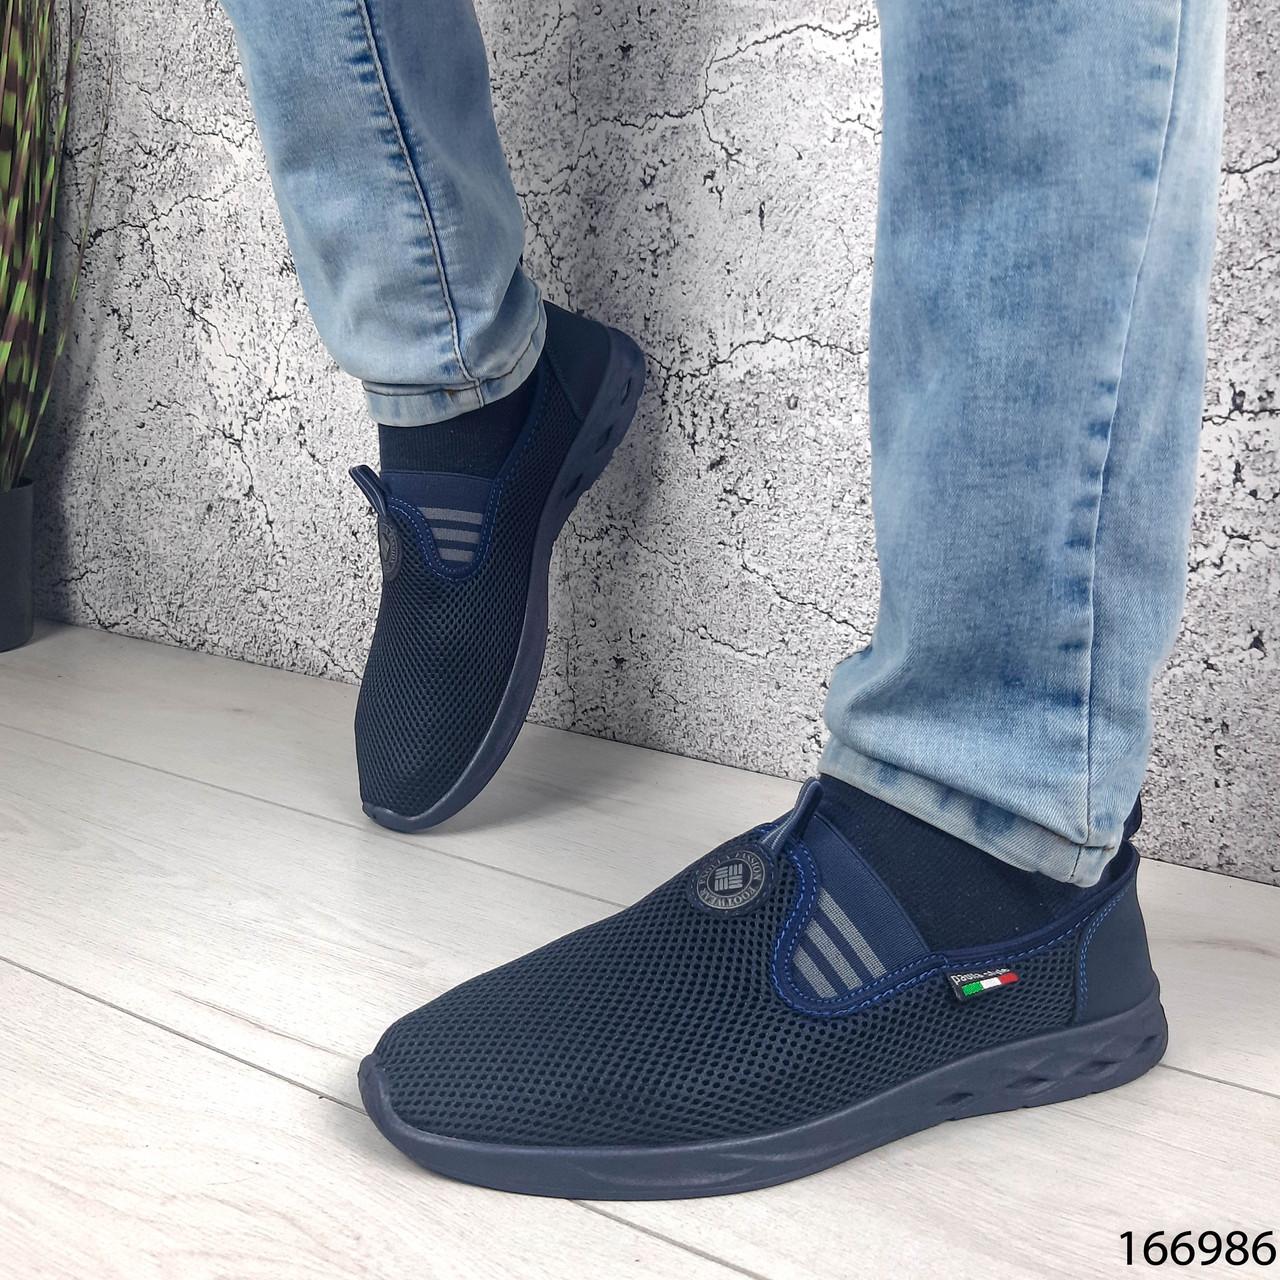 Мокасини сині чоловічі з сіткою текстильної повсякденна зручна легка чоловіче взуття